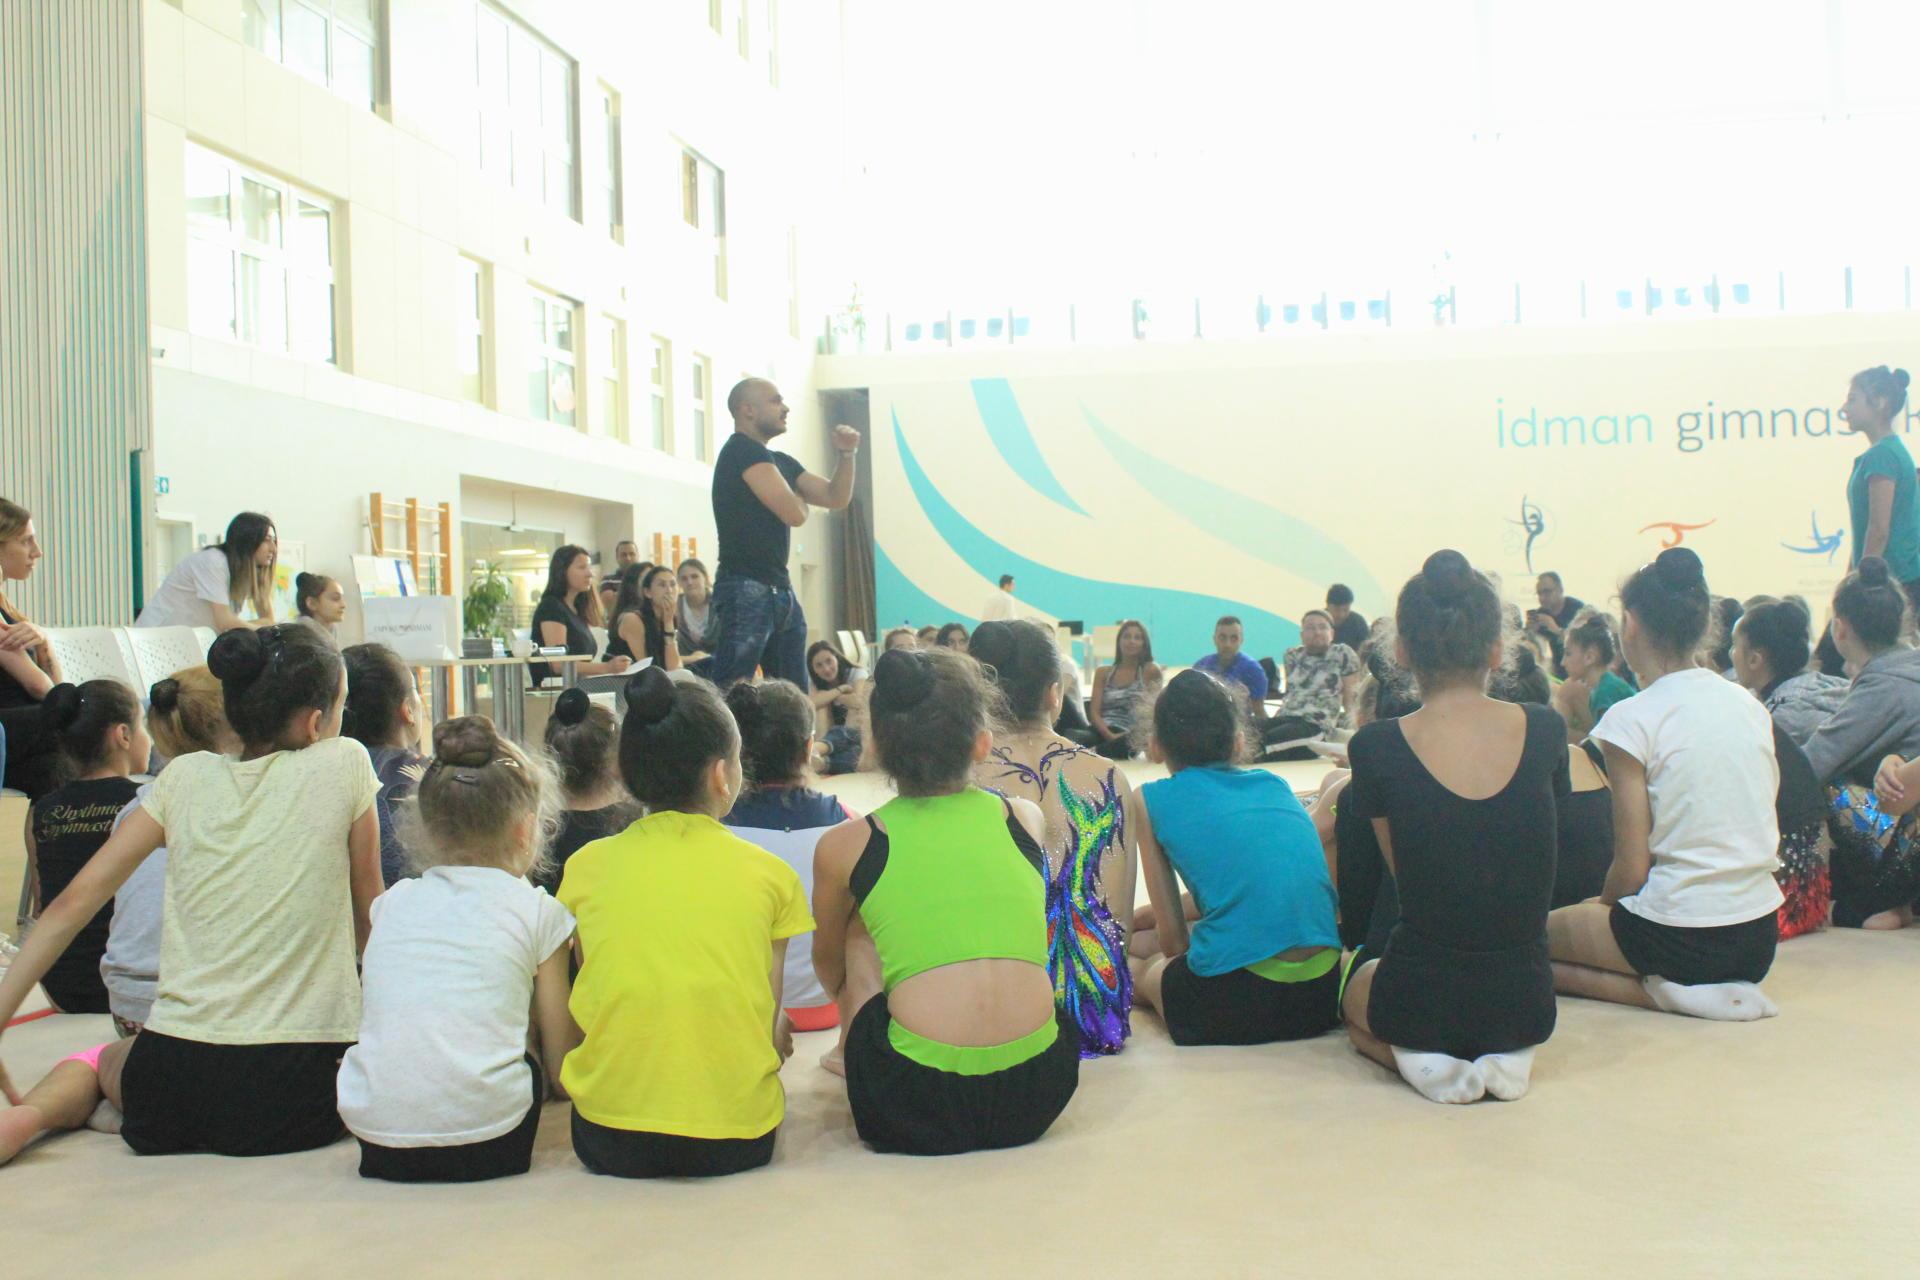 В Федерации гимнастики Азербайджана трудятся профессионалы своего дела - Мири Юсиф (ФОТО)